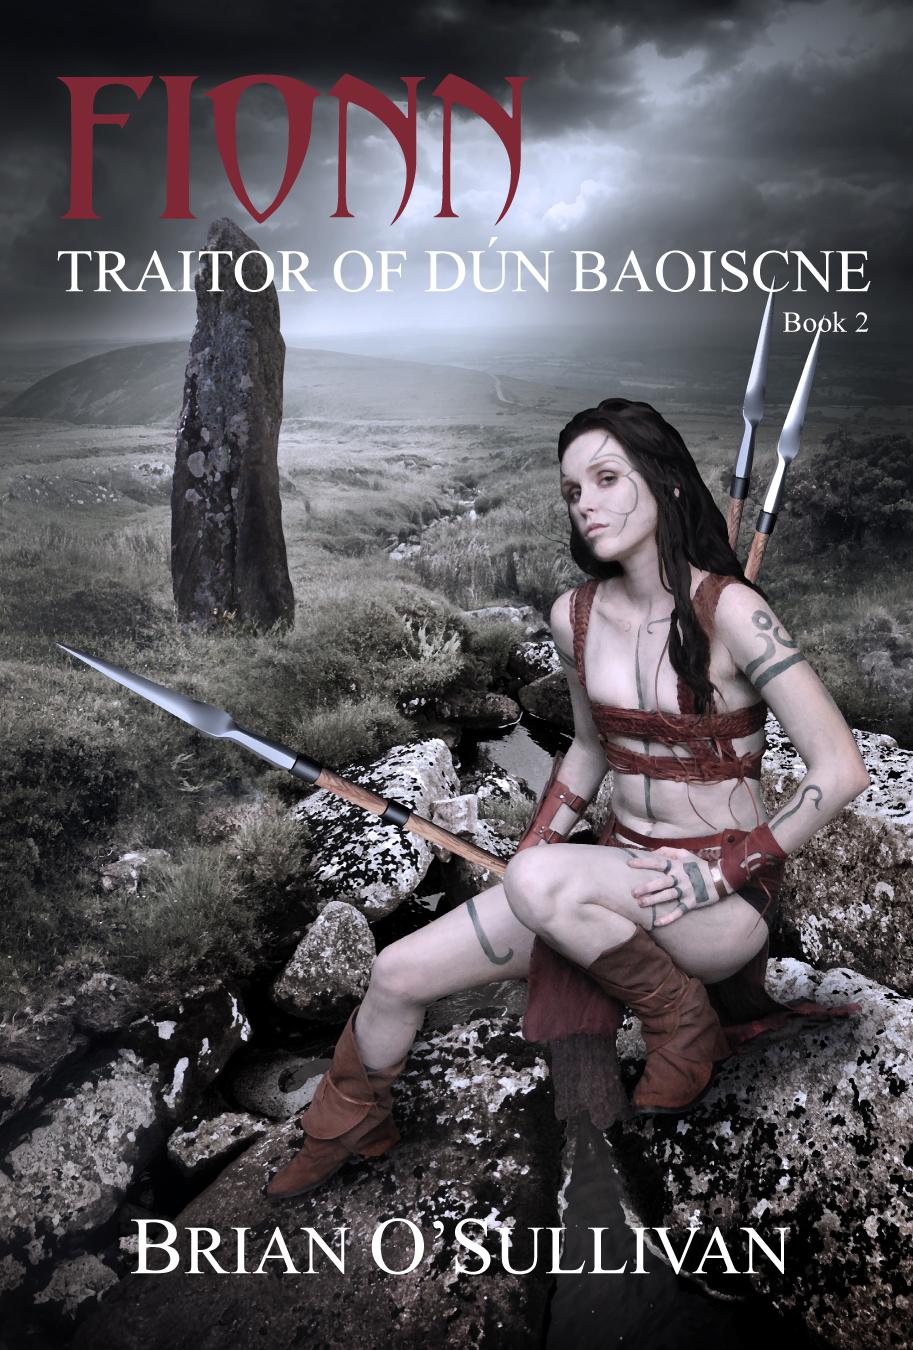 Traitor of Dún Baoiscne cover